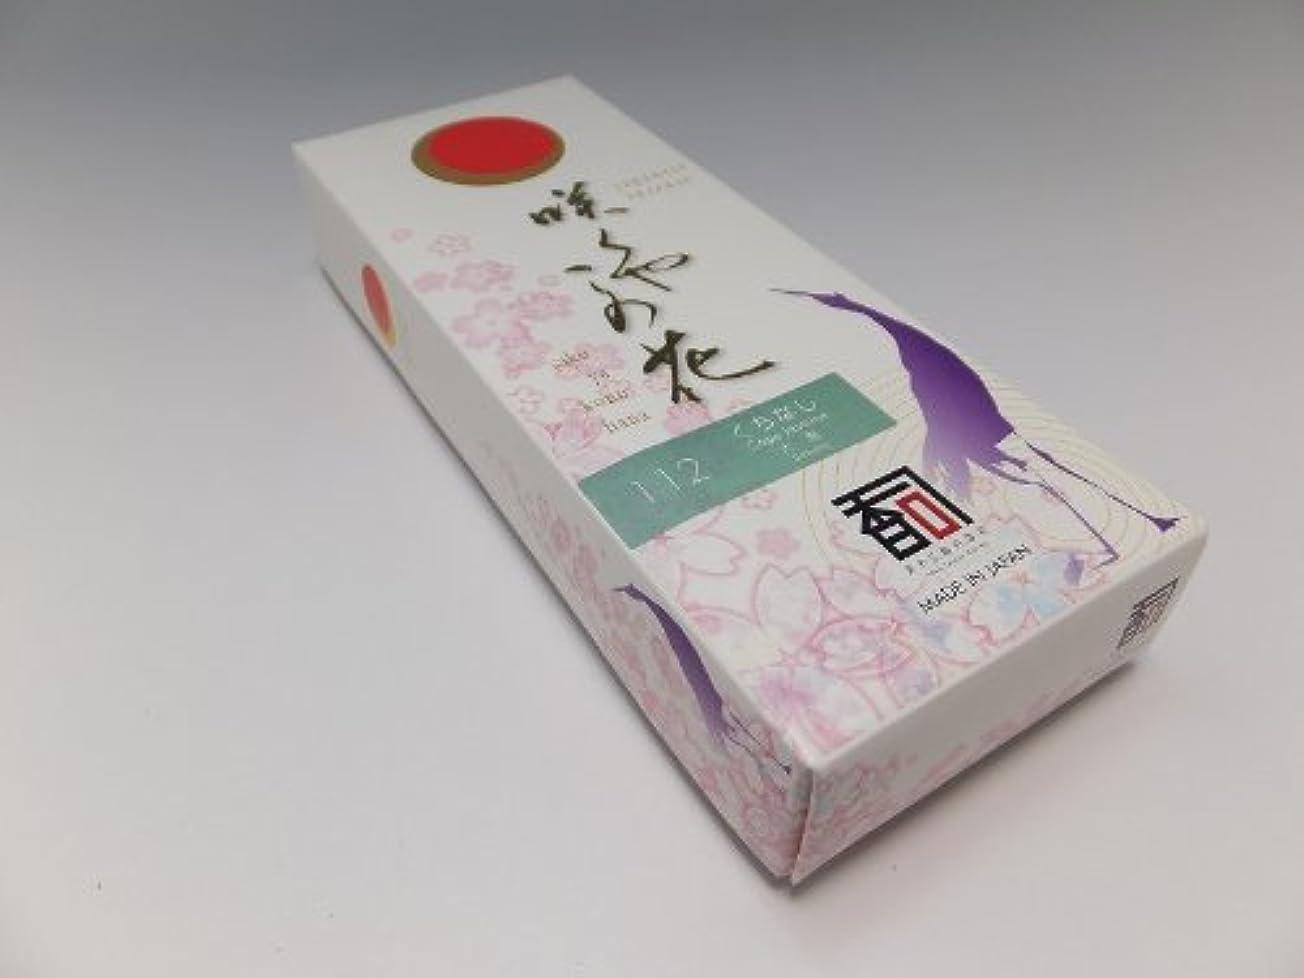 ランク手術暴露する「あわじ島の香司」 日本の香りシリーズ  [咲くや この花] 【112】 くちなし (有煙)